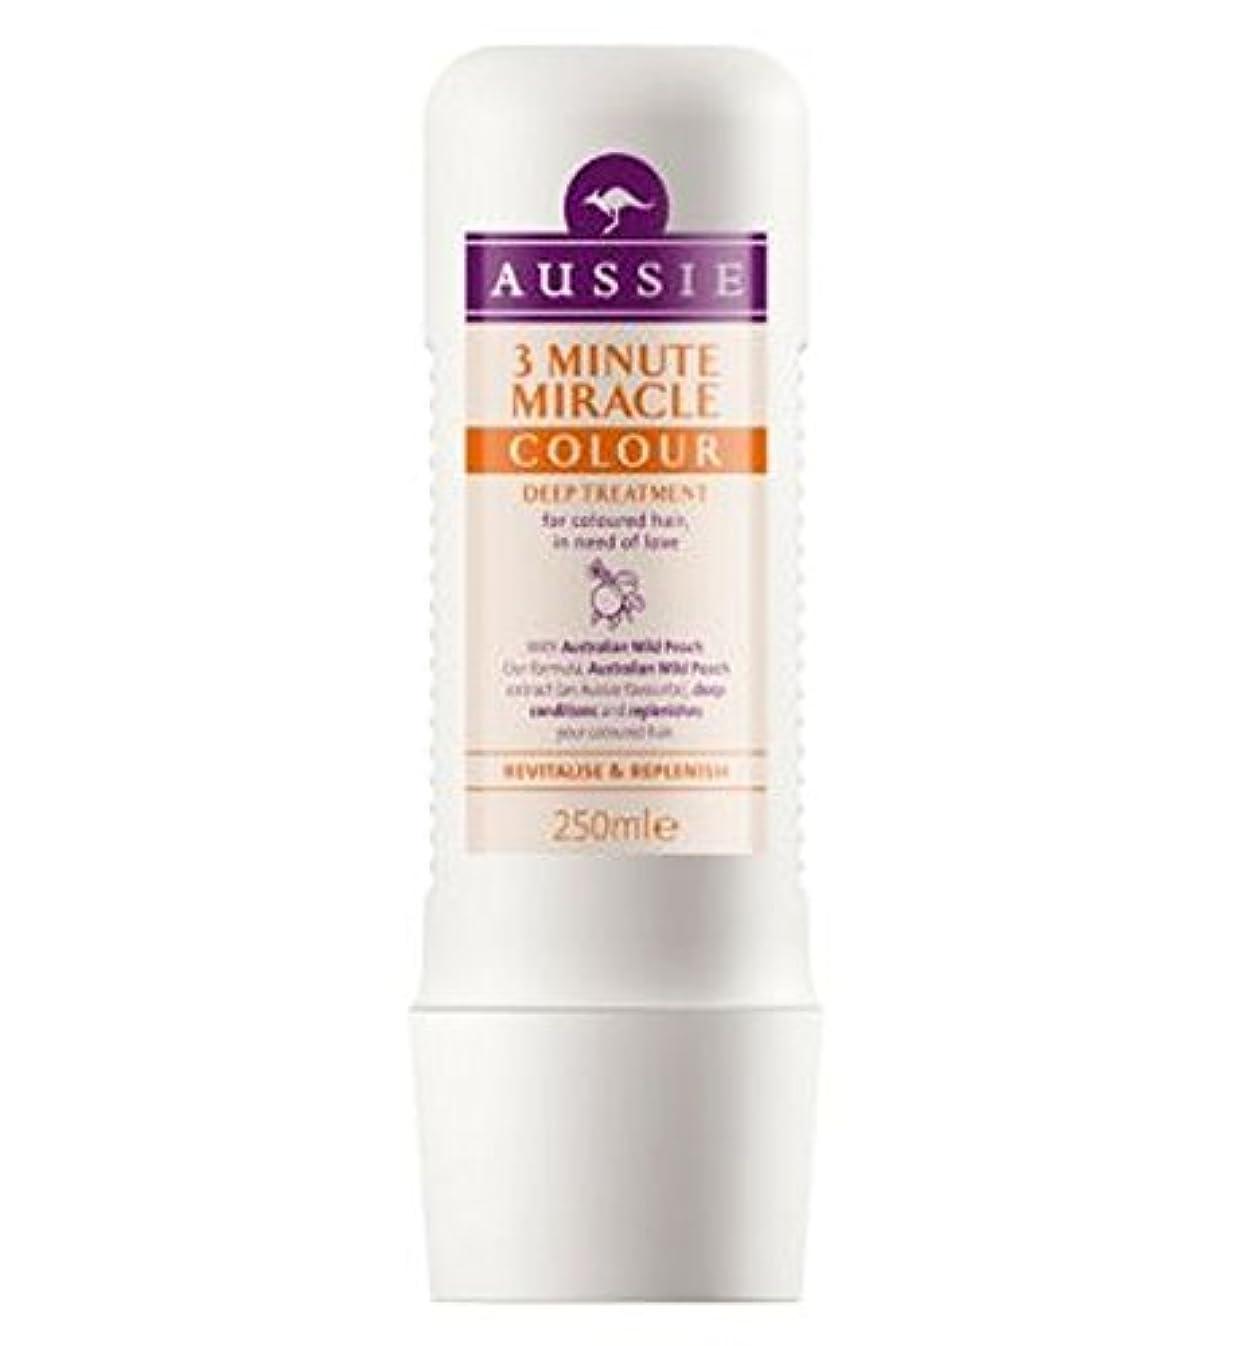 放射性連想好みオージー3分の奇跡色の深い処理250ミリリットル (Aussie) (x2) - Aussie 3 Minute Miracle Colour Deep Treatment 250ml (Pack of 2) [並行輸入品]